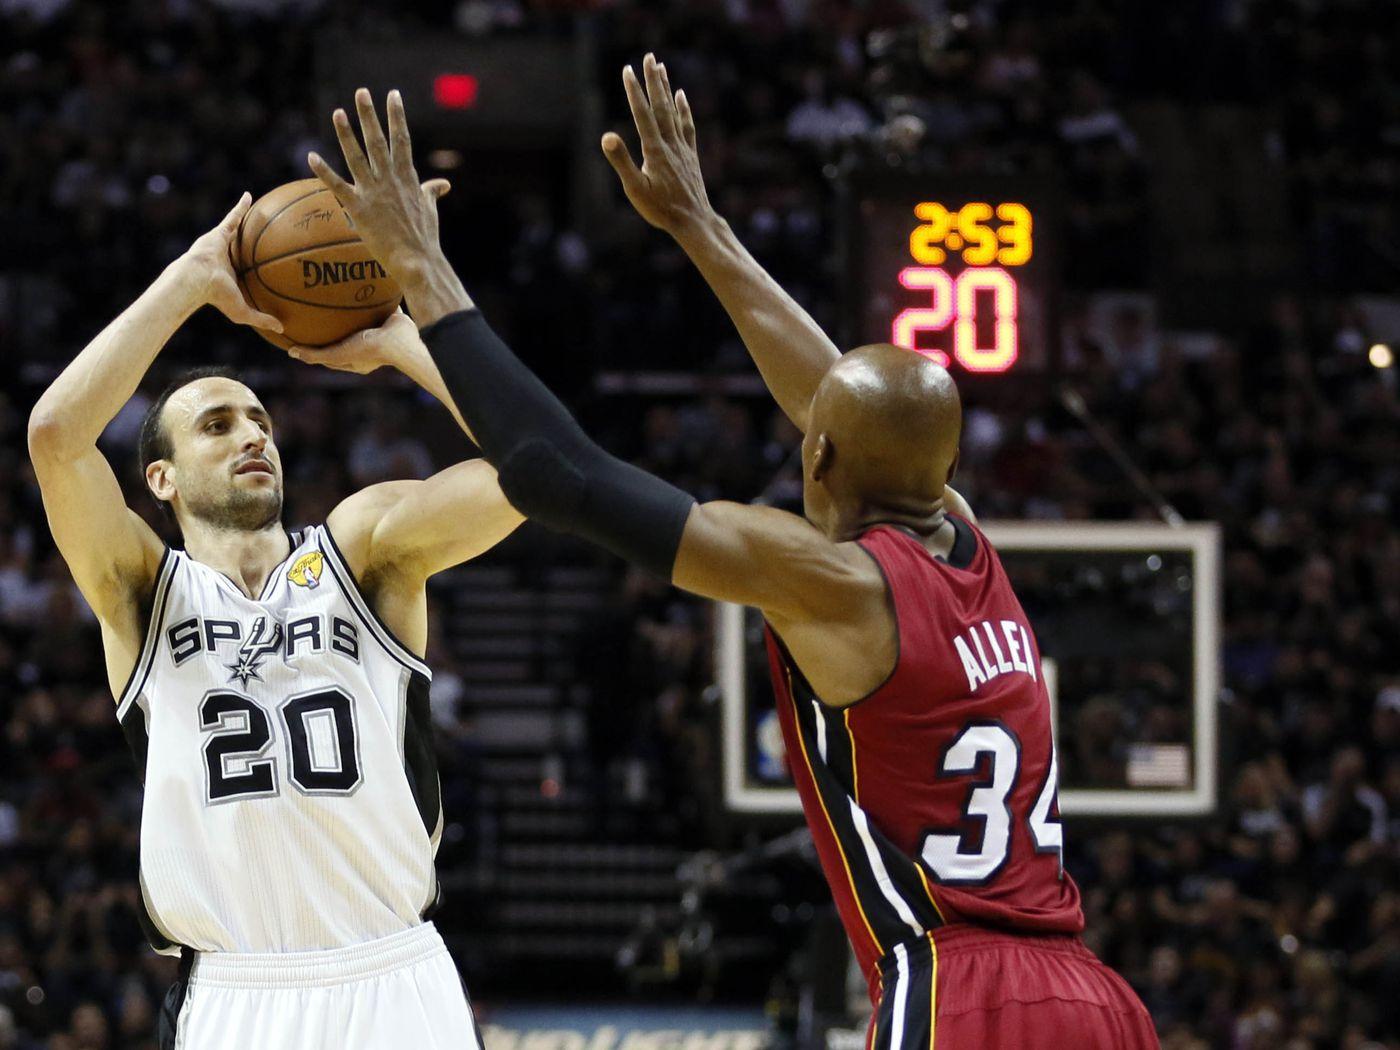 f8546c9b1ed 'Old man game' is real, and it's all over the NBA Finals - SBNation.com